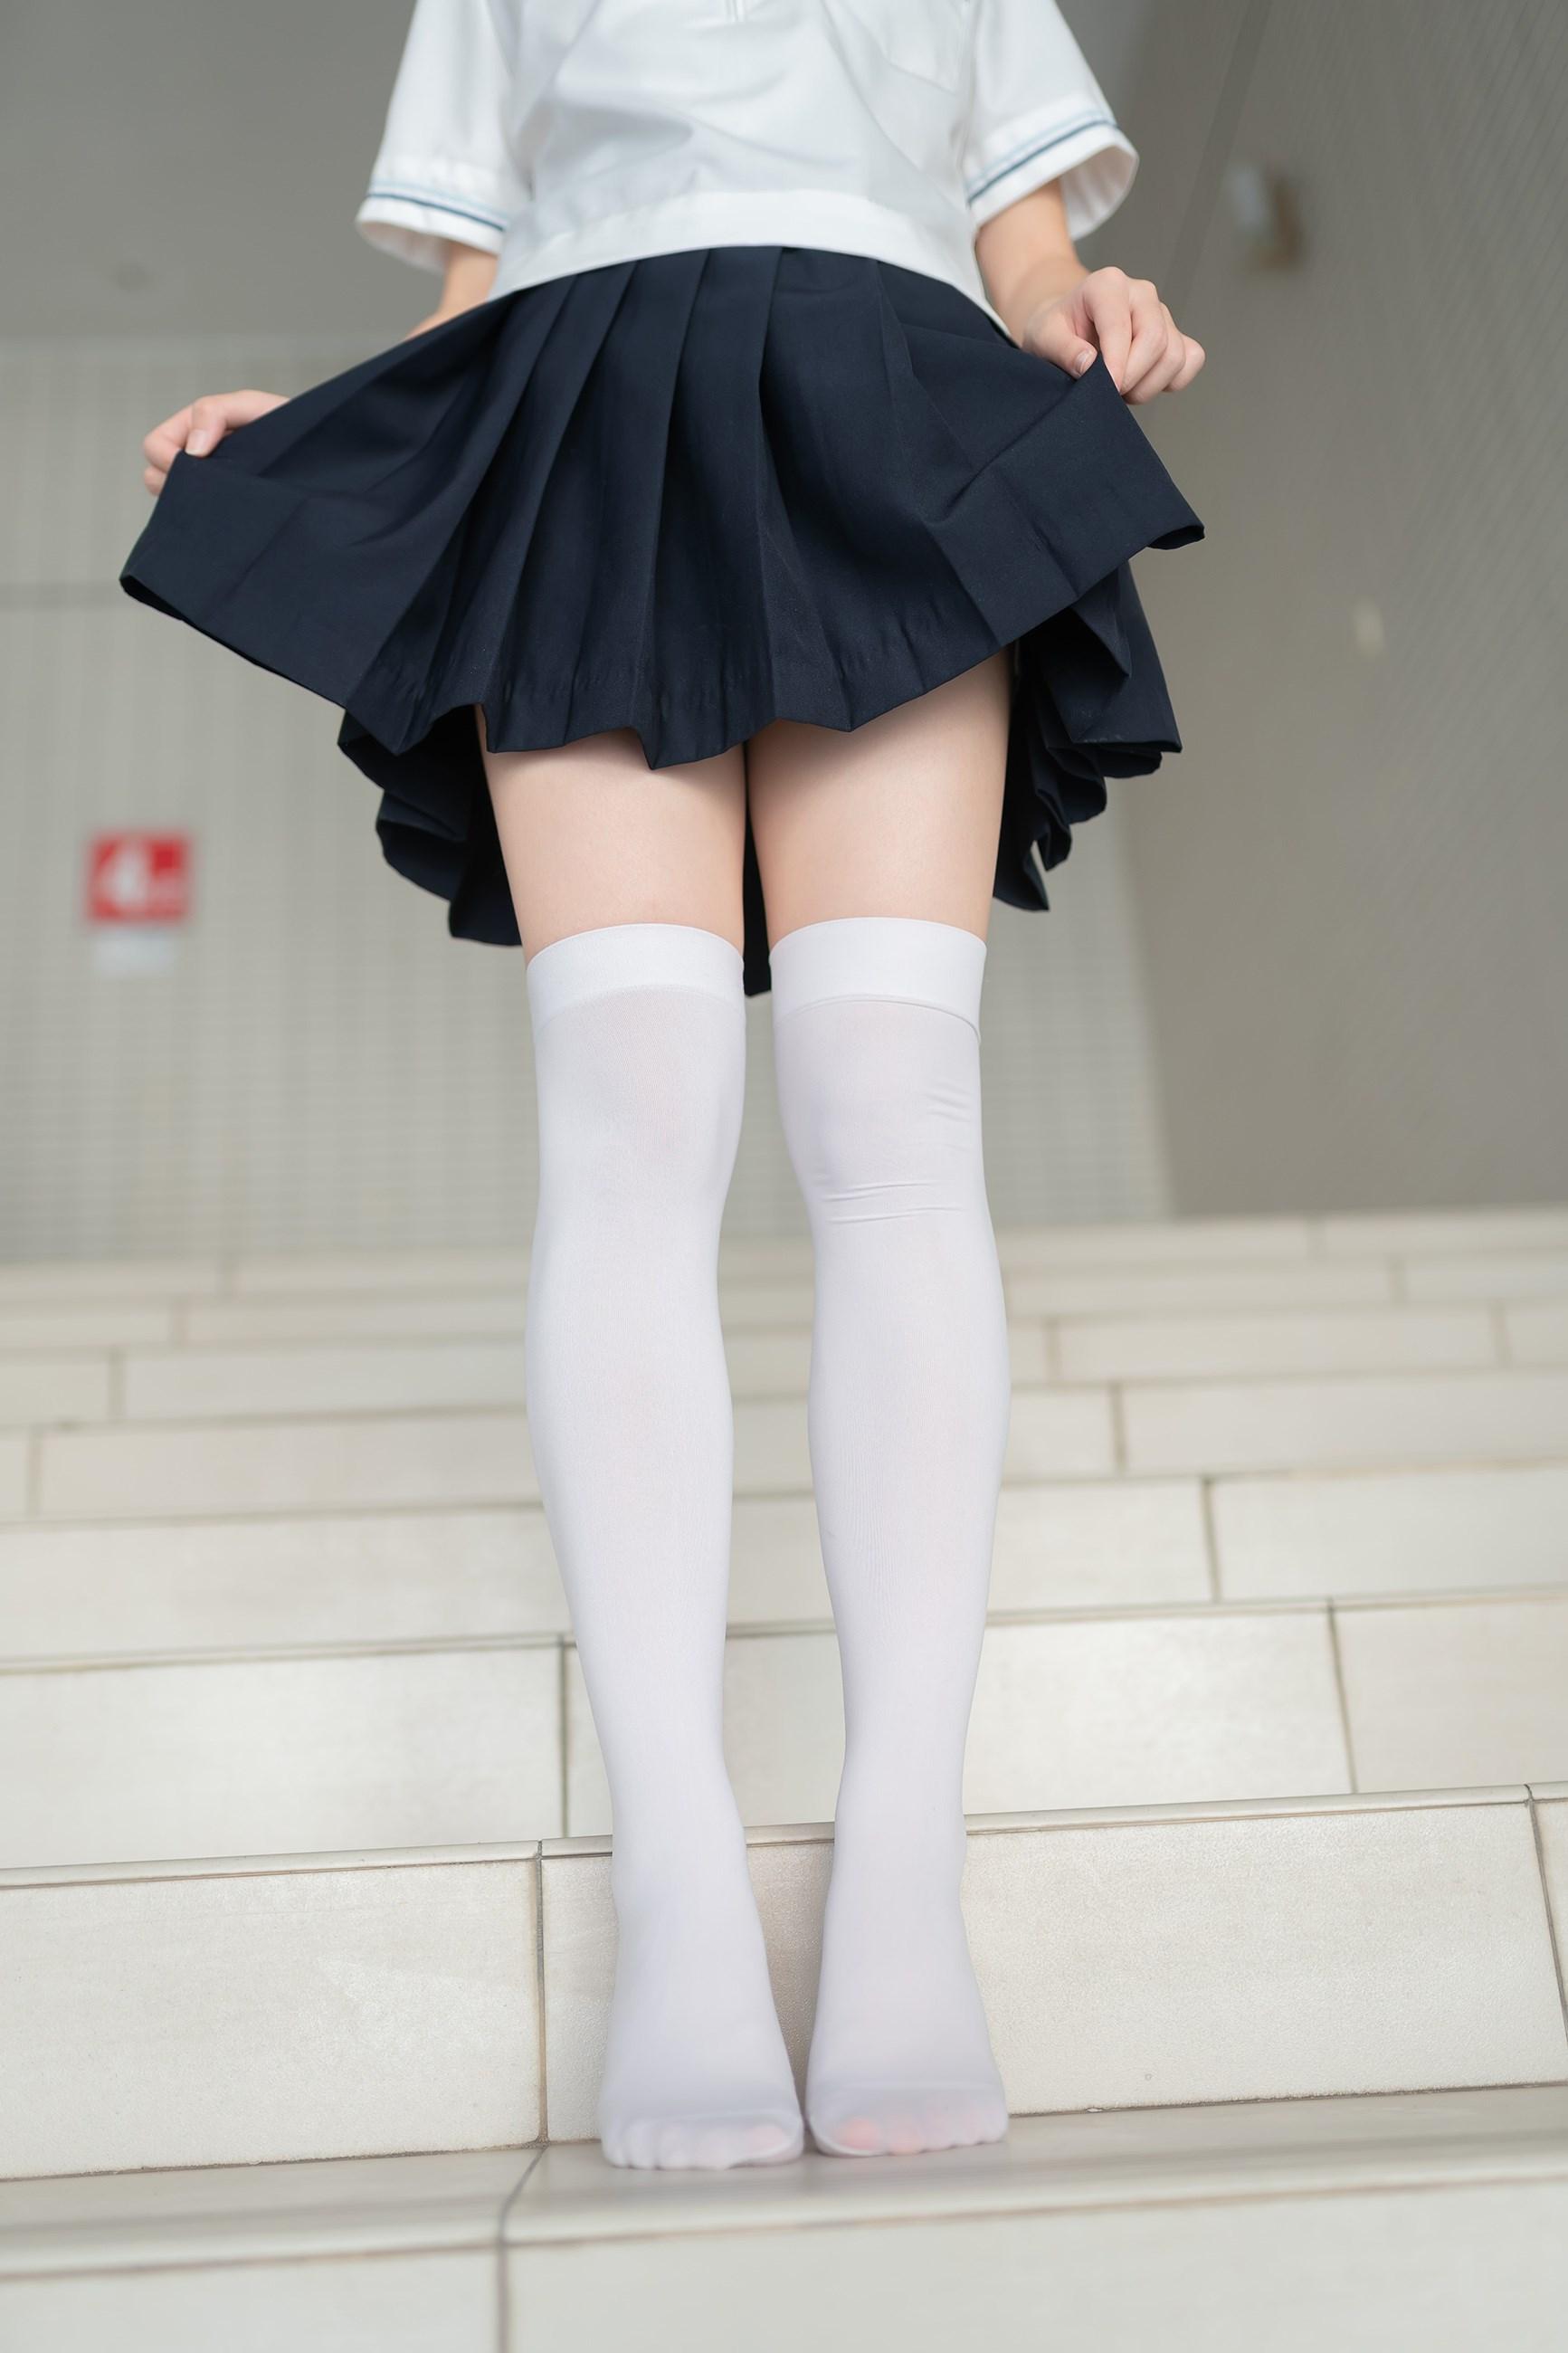 【兔玩映画】楼梯上的白丝少女 兔玩映画 第36张